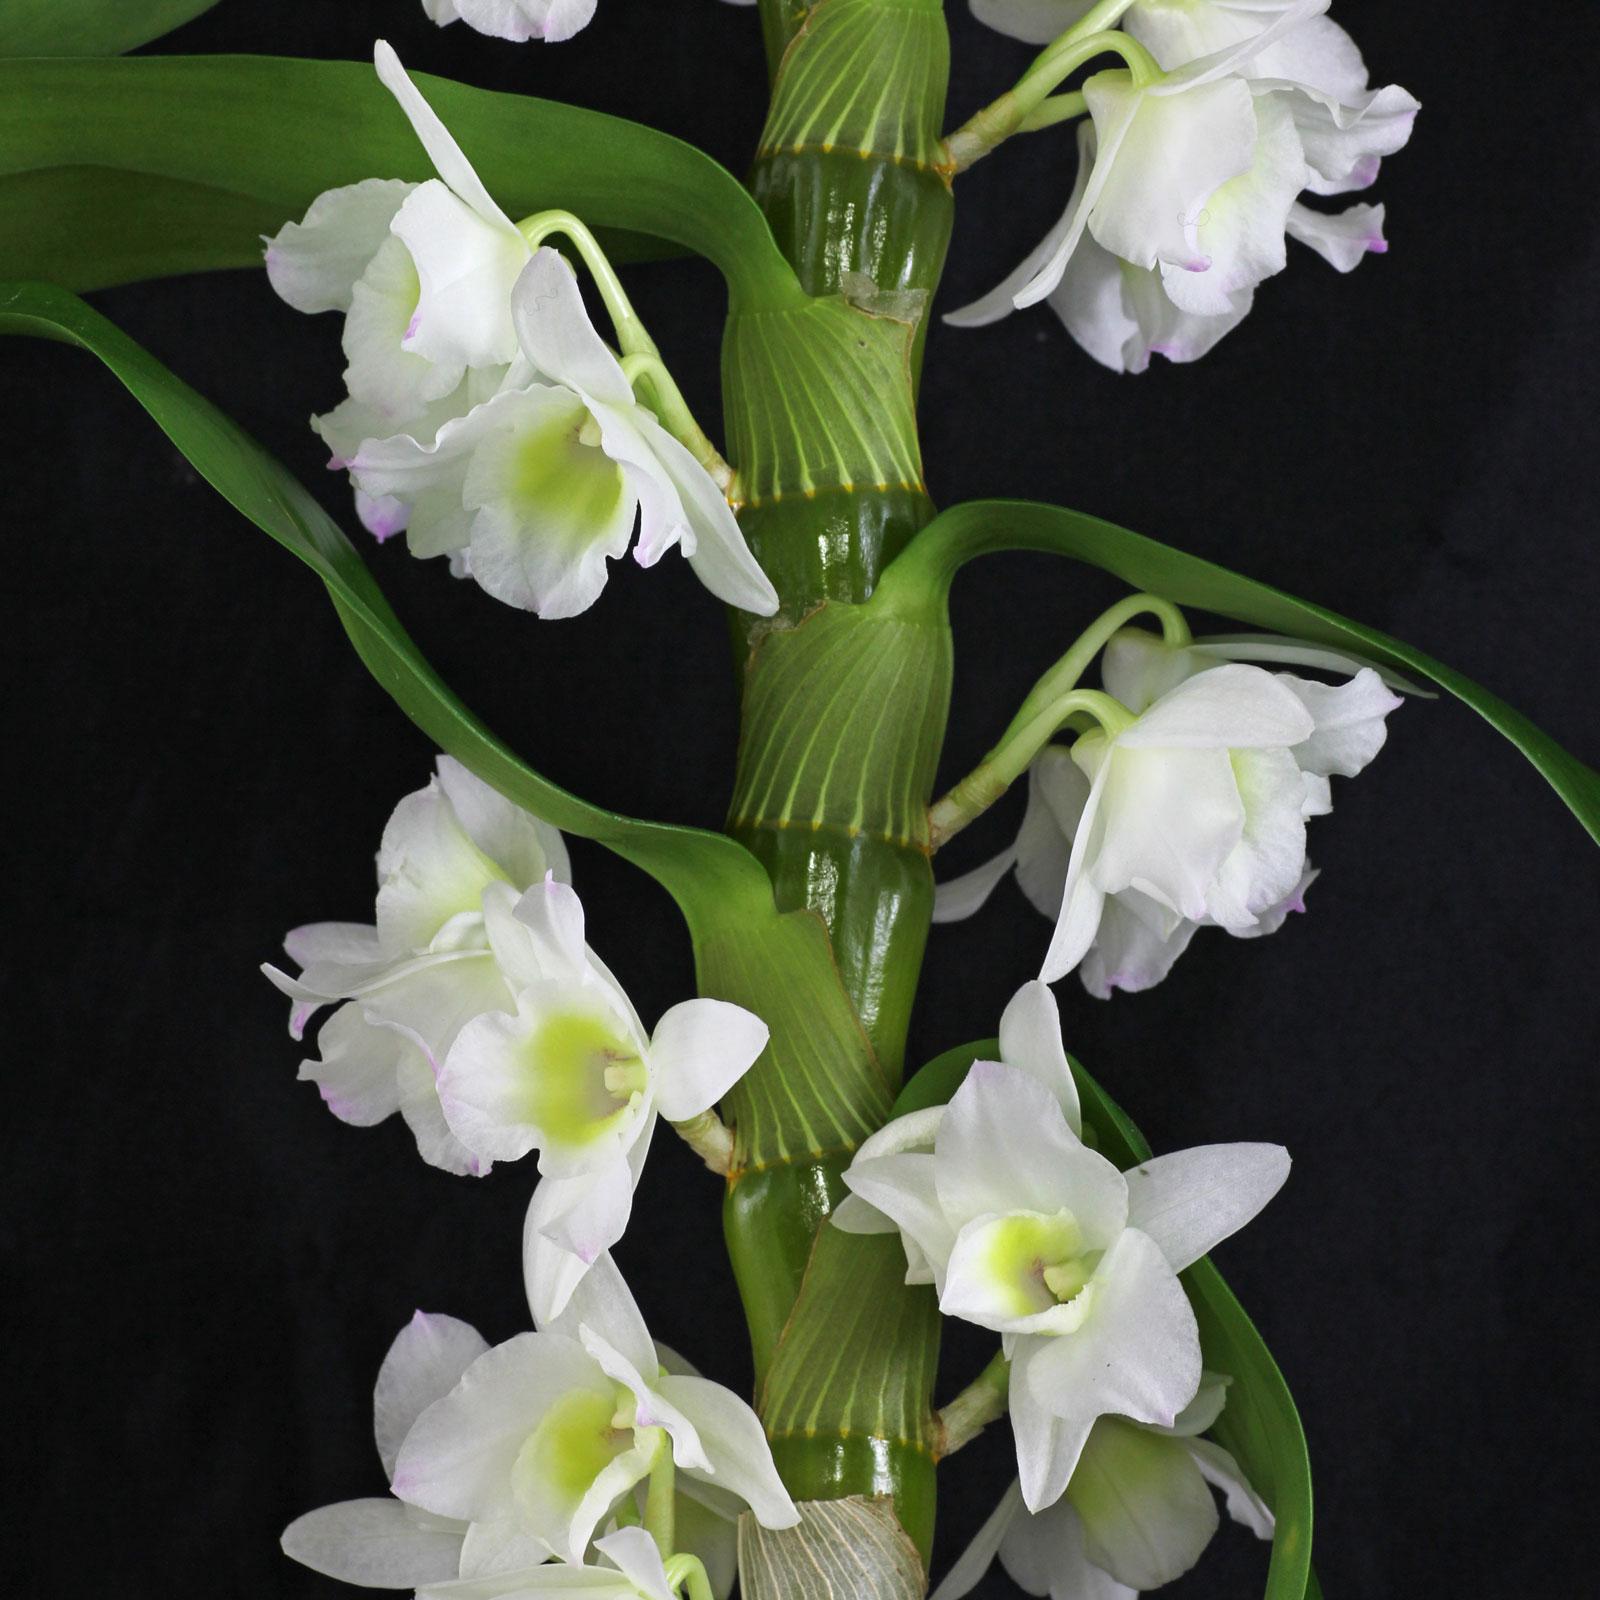 Orchideen in blumenerde pflanzen dendrobium orchidee altavistaventures Images